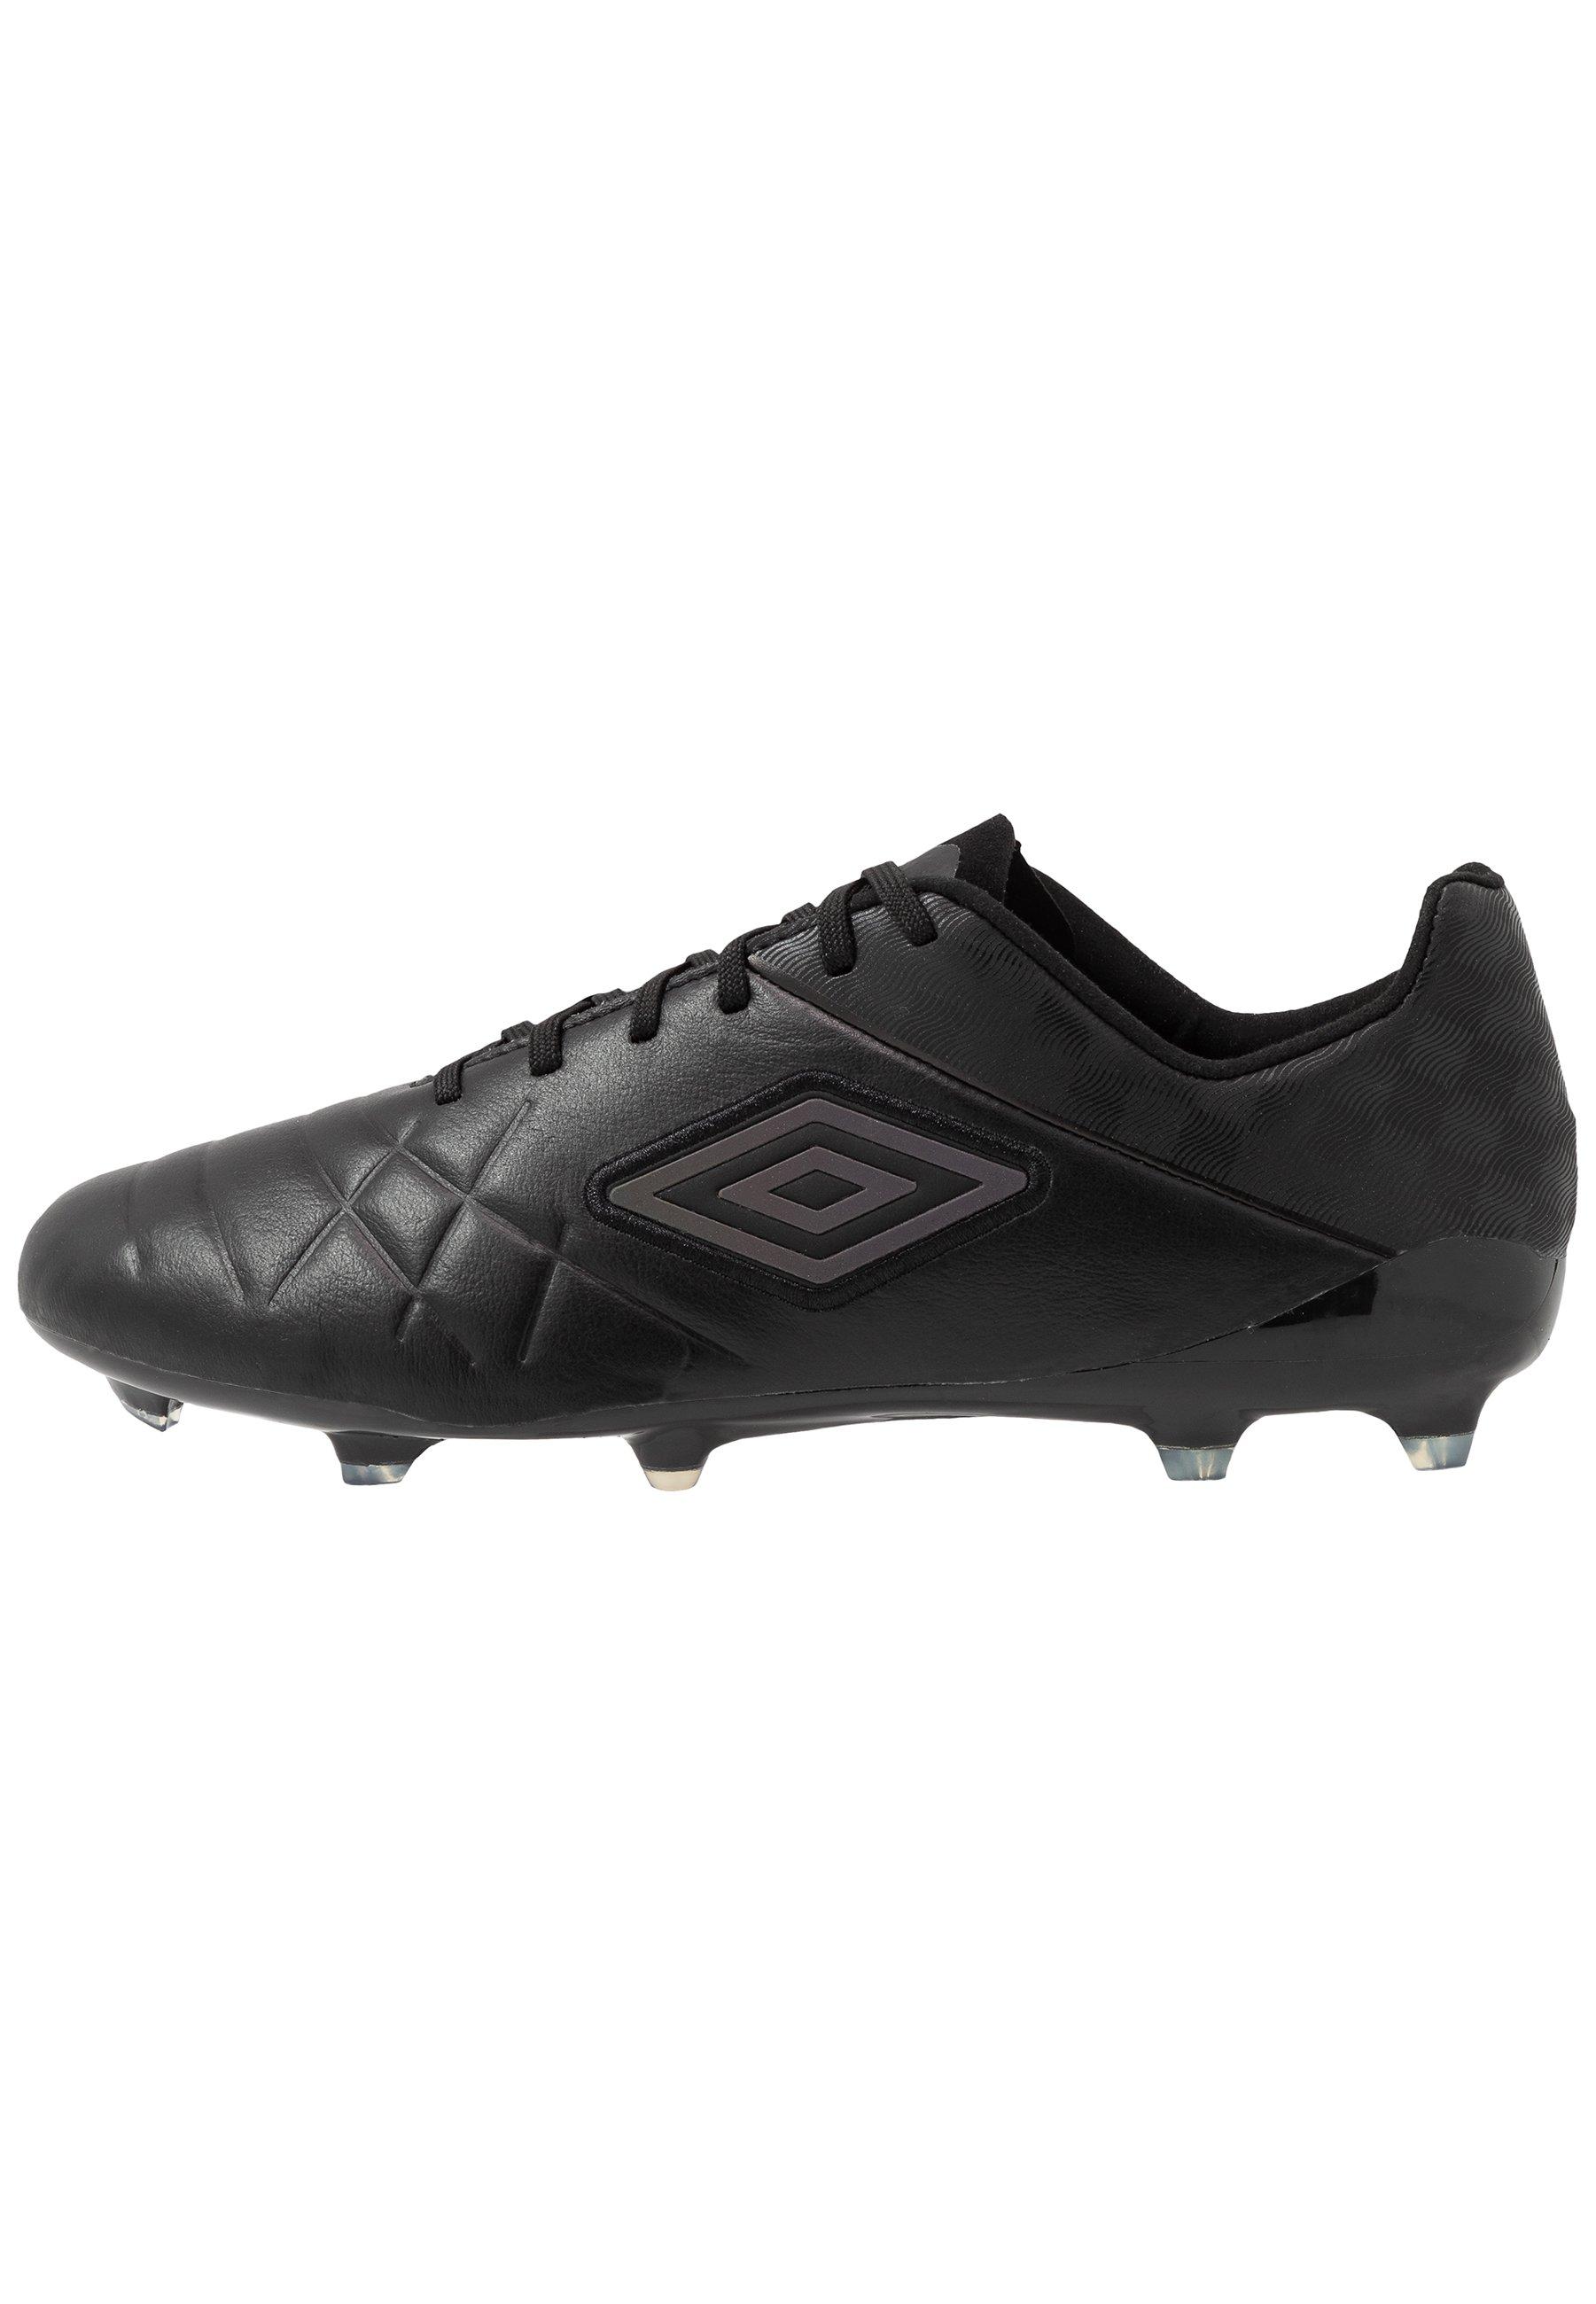 Voetbalschoenen voor heren online kopen | ZALANDO